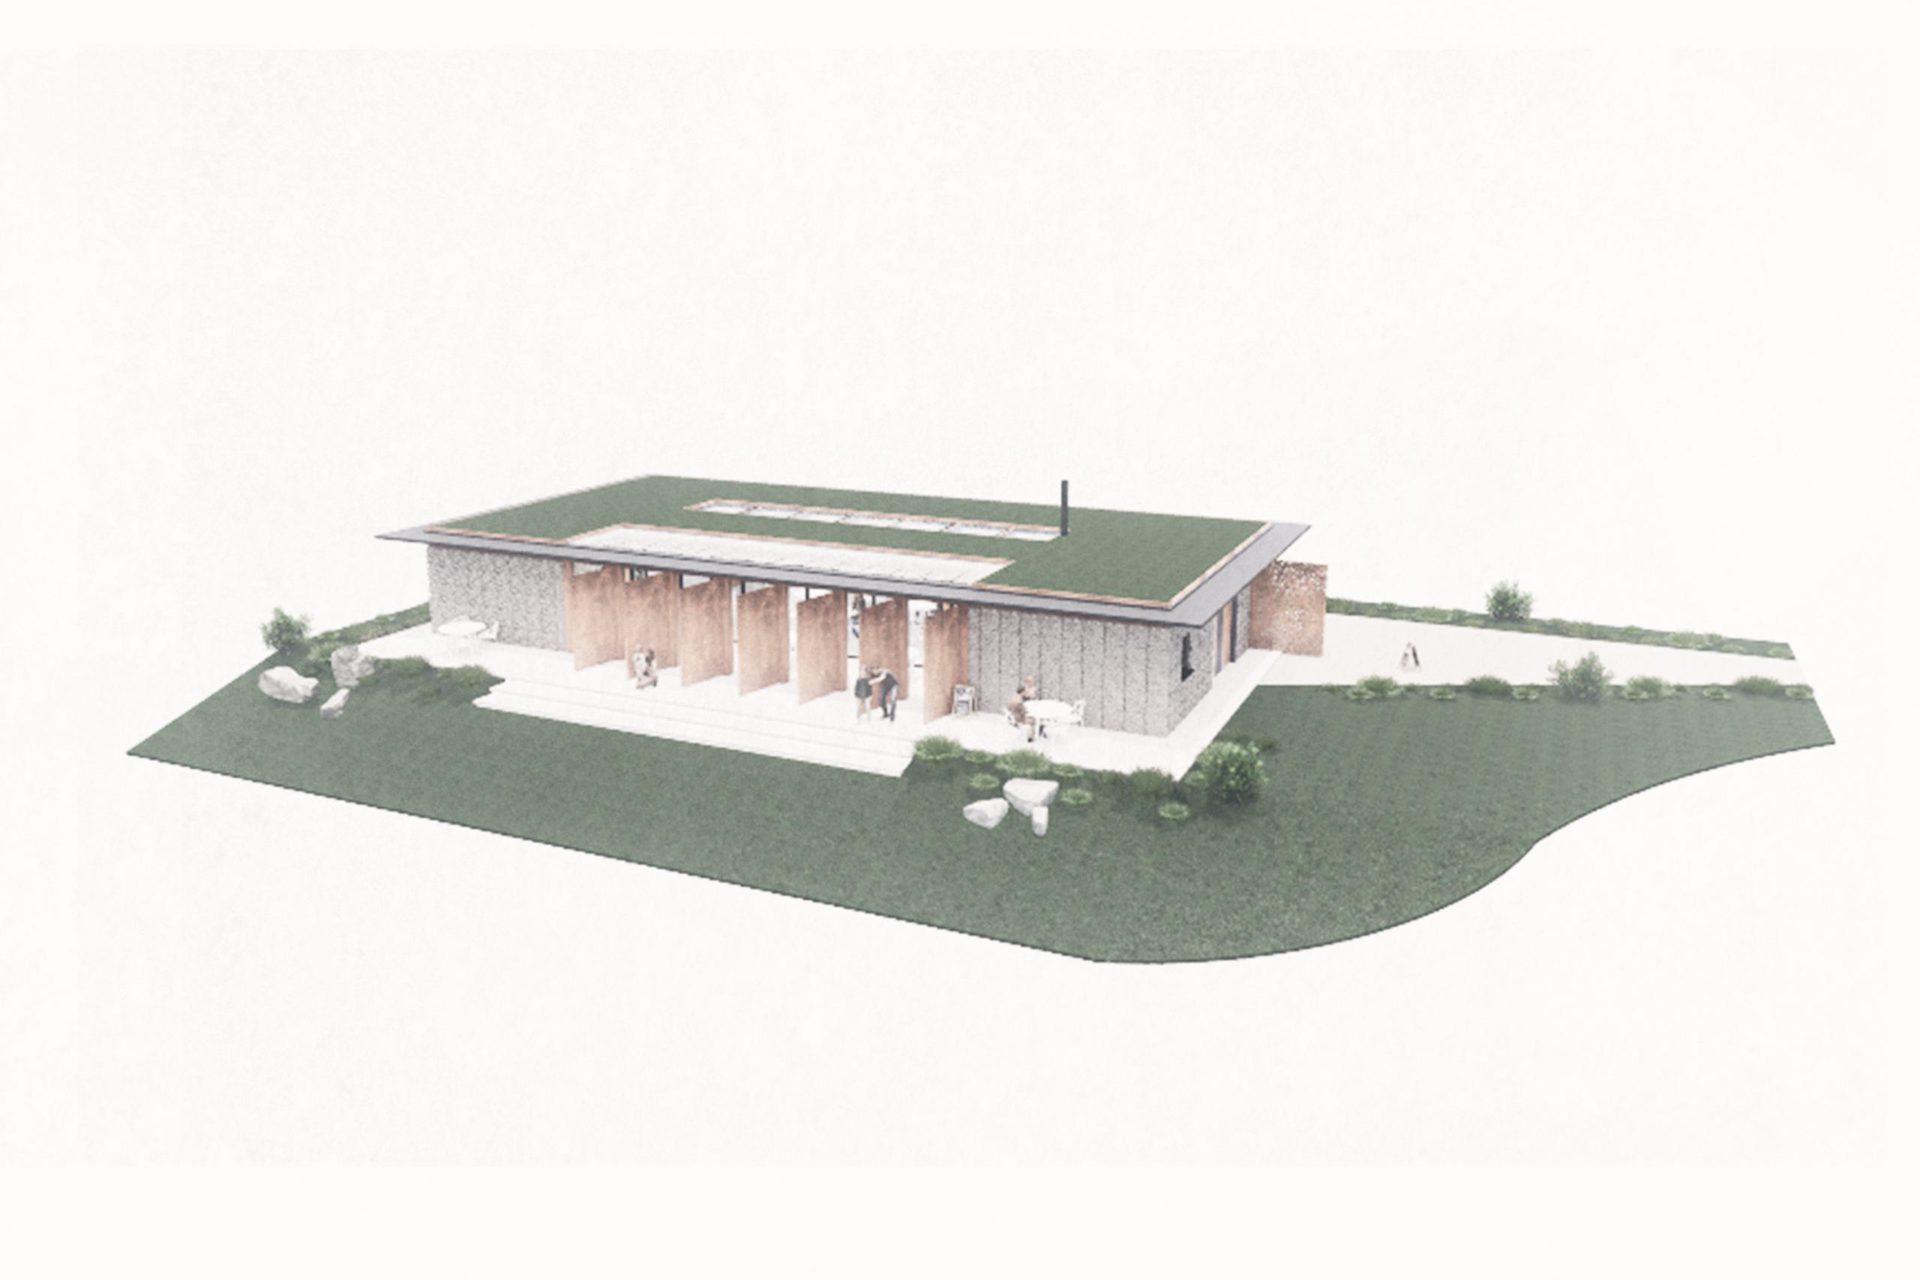 Silecroft Cafe Pavilion - render